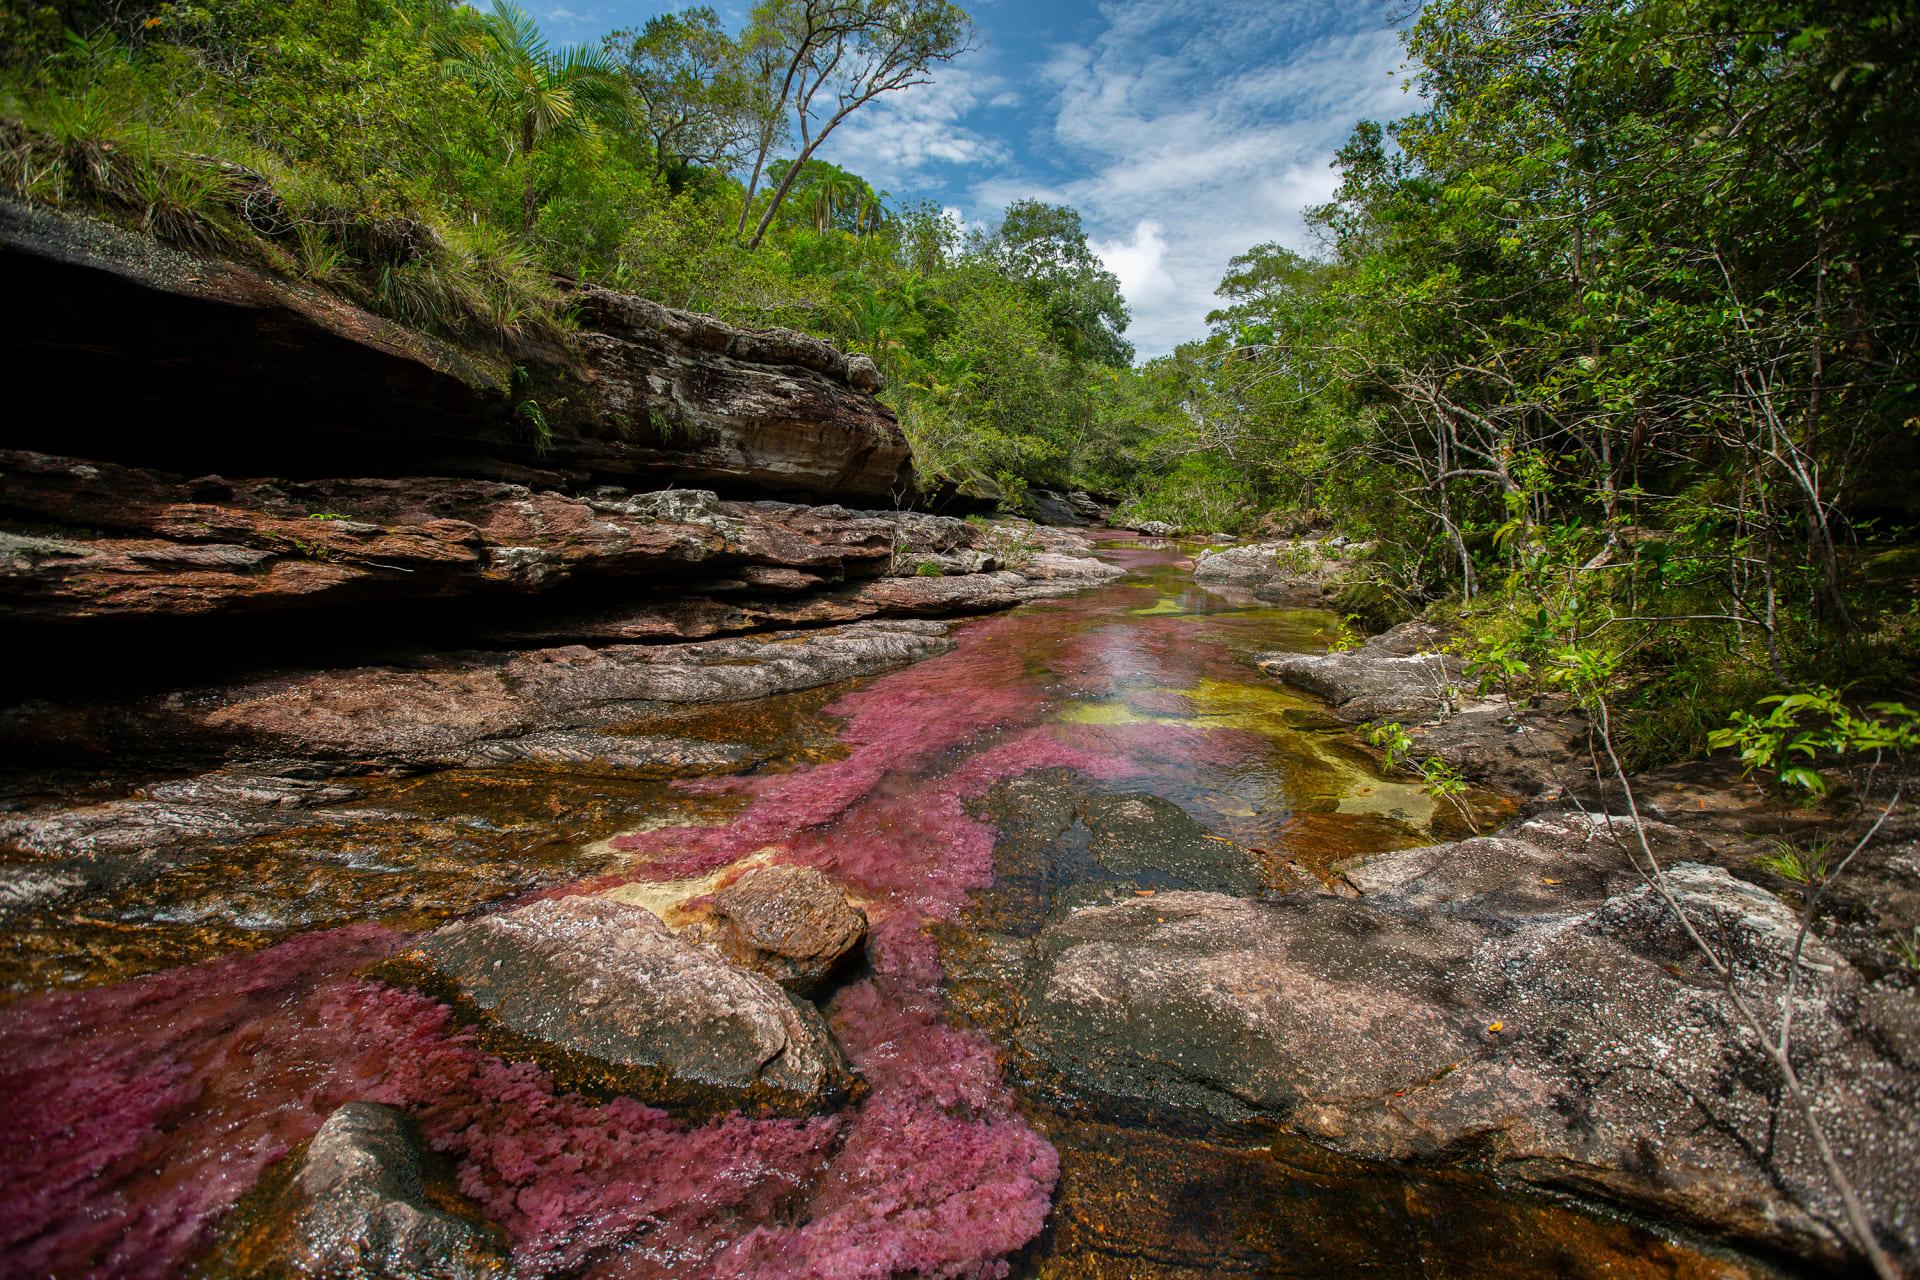 نهر الألوان الخمسة في كولومبيا